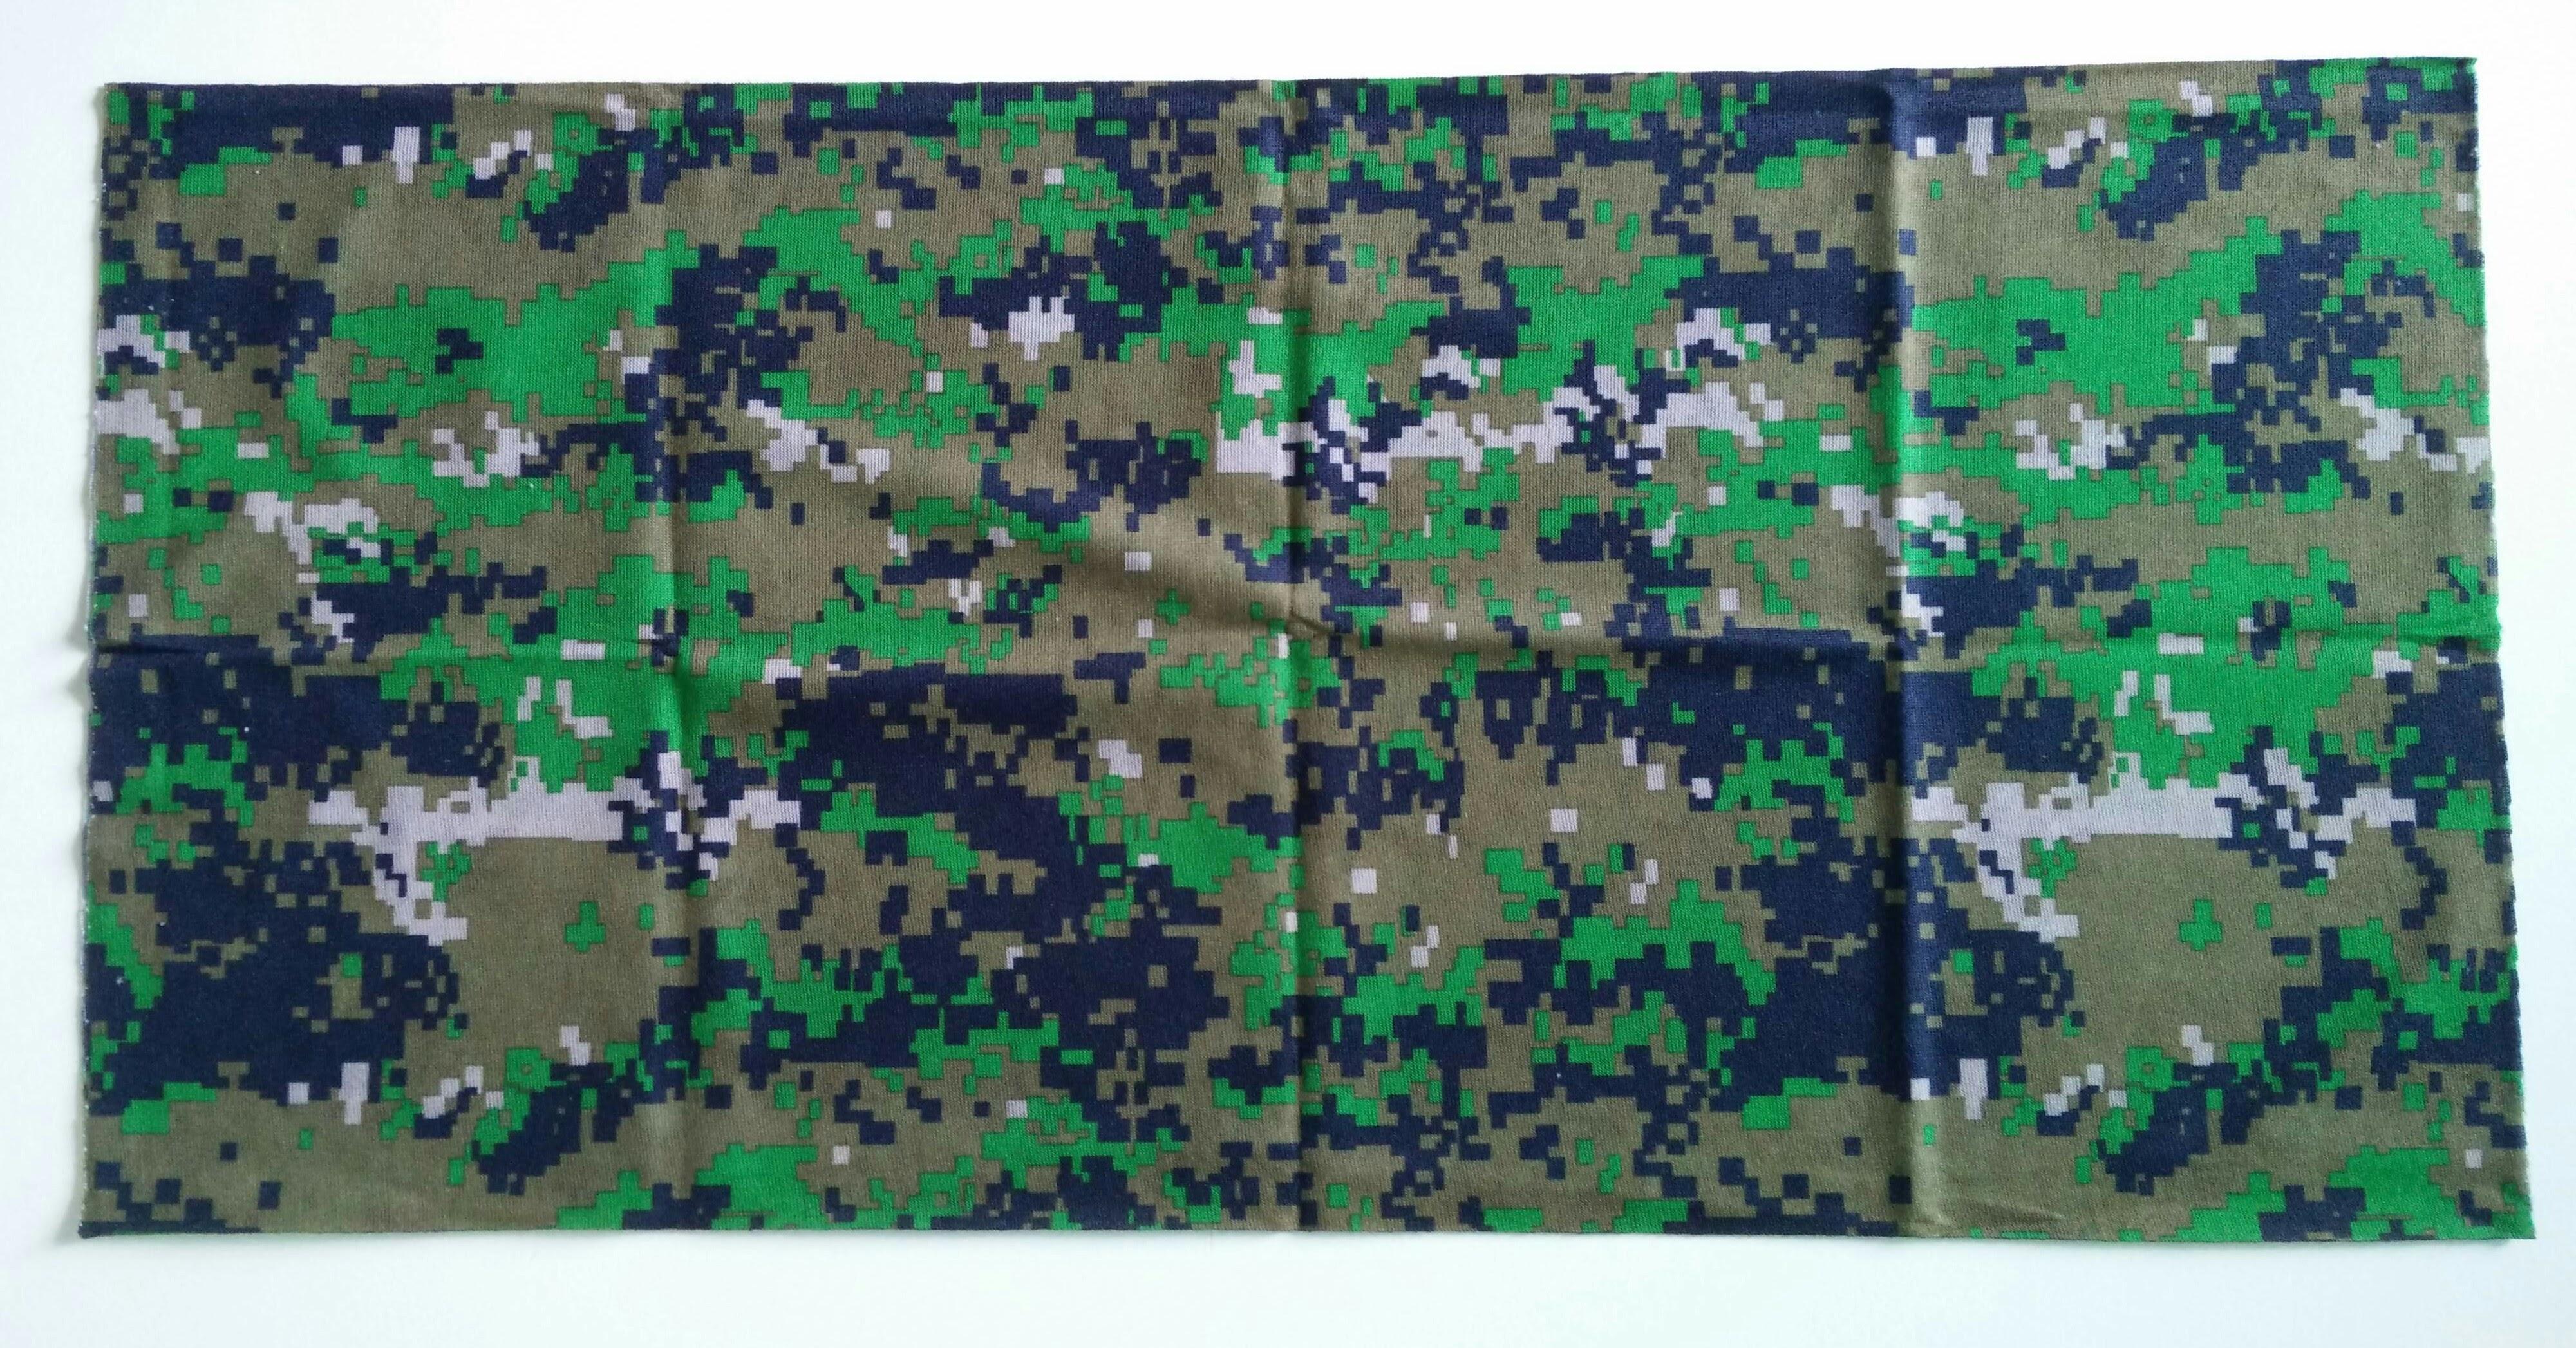 ผ้าบัฟ ลายแผนที่ สีเขียวอ่อน